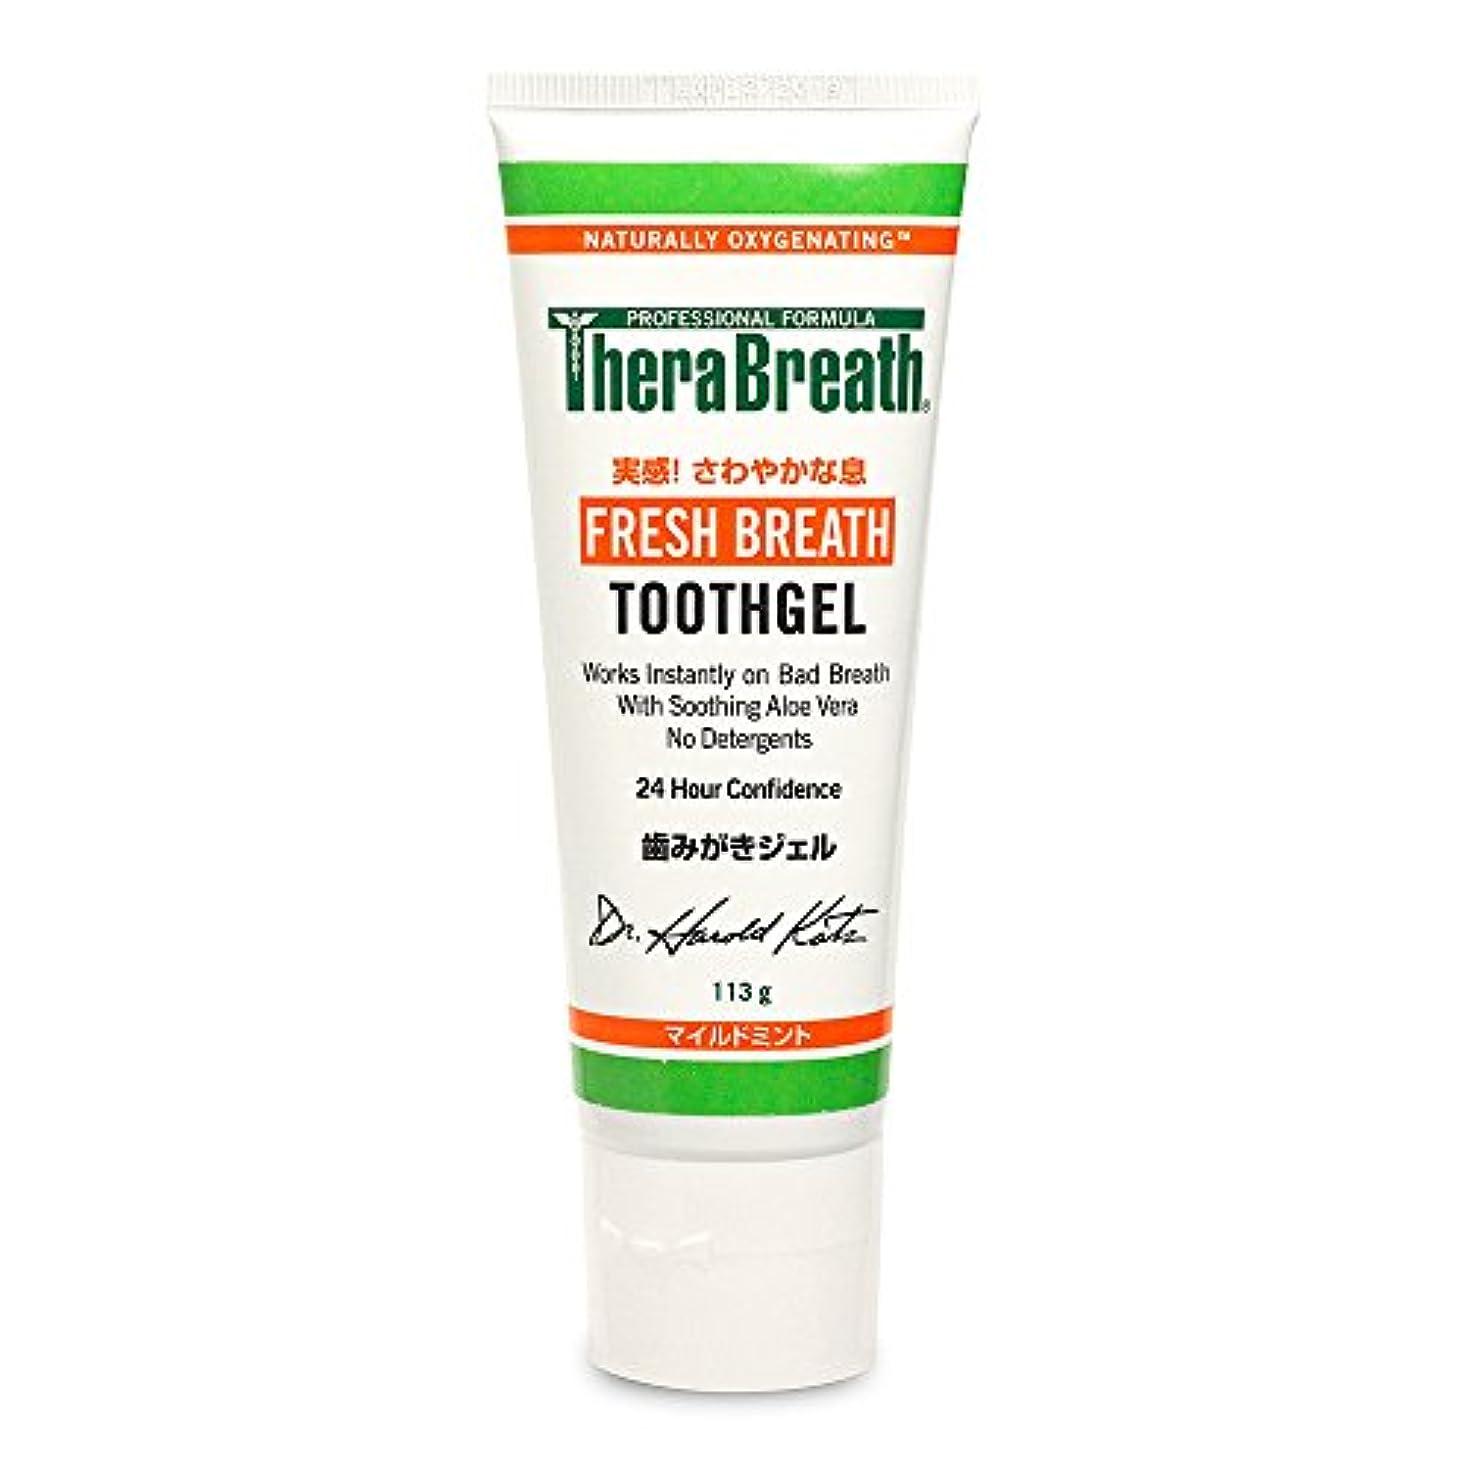 ブランク負荷部分的にTheraBreath (セラブレス) セラブレストゥースジェル 113g (正規輸入品) 舌磨き